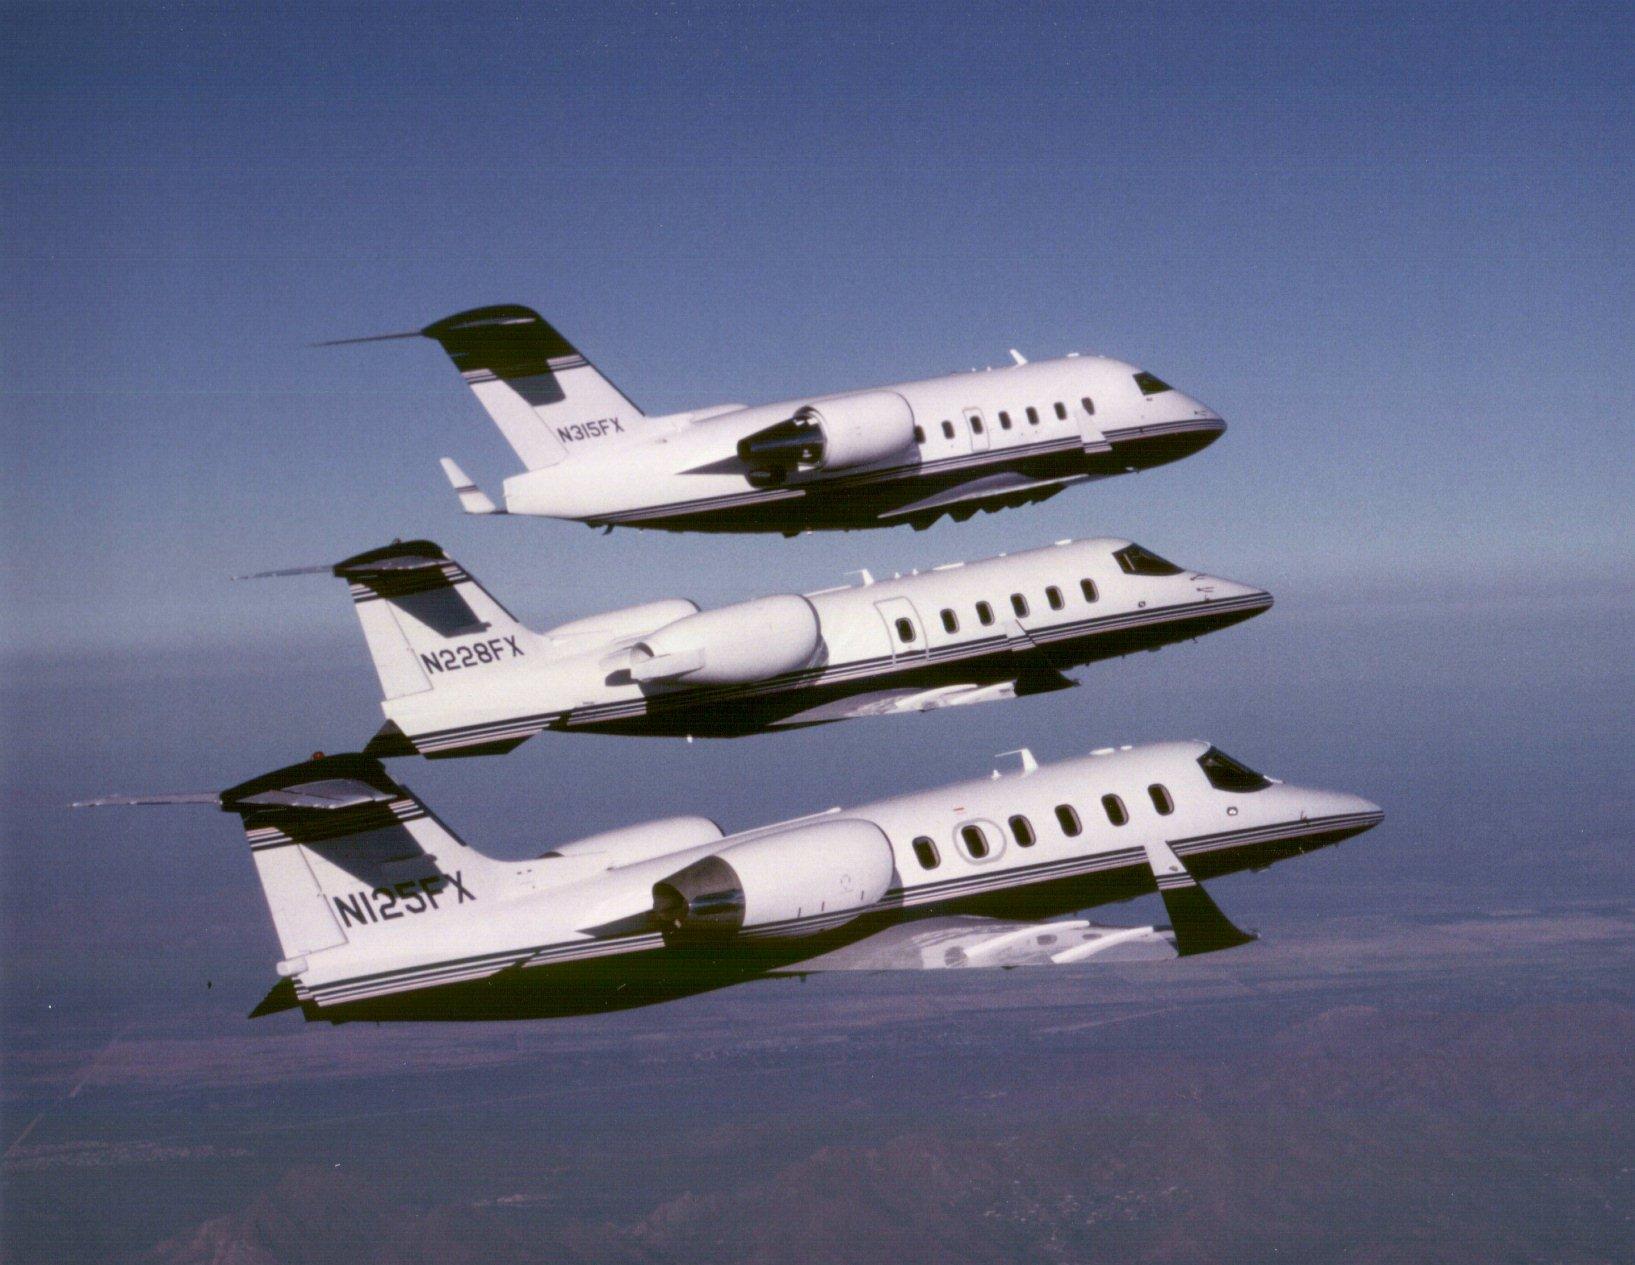 LEARJET aircraft airplane jet luxury f wallpaper – Learjet Engine Diagram